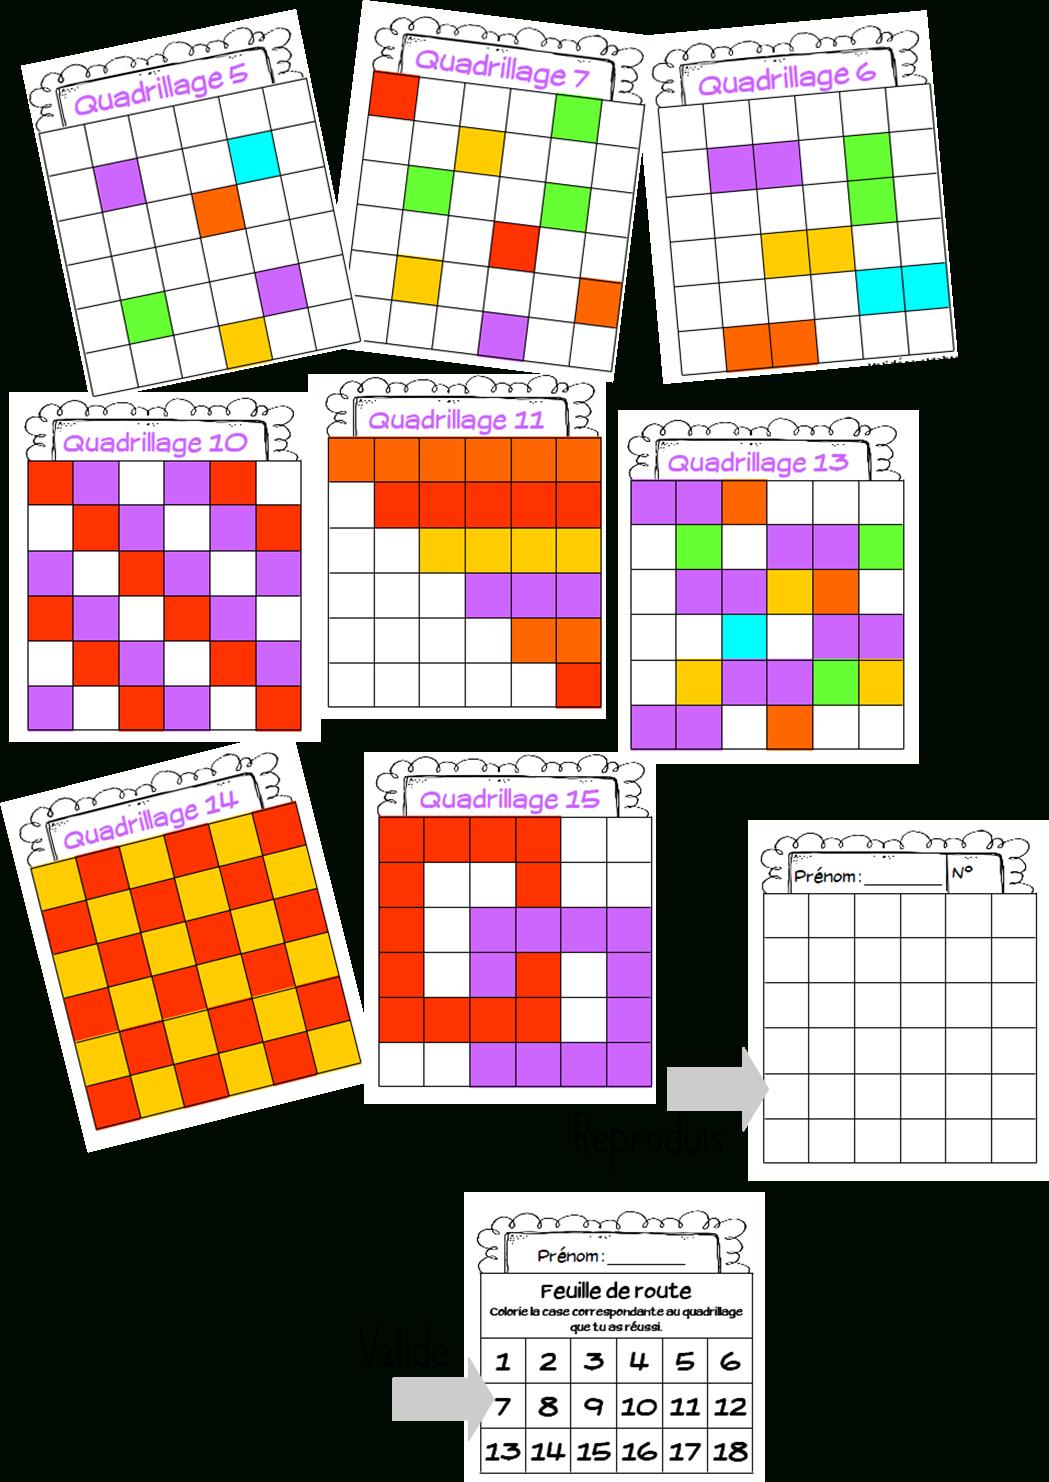 Quadrillage   Géométrie Ce1, Quadrillage Ce1 Et Mathematique pour Reproduction Sur Quadrillage Ce1